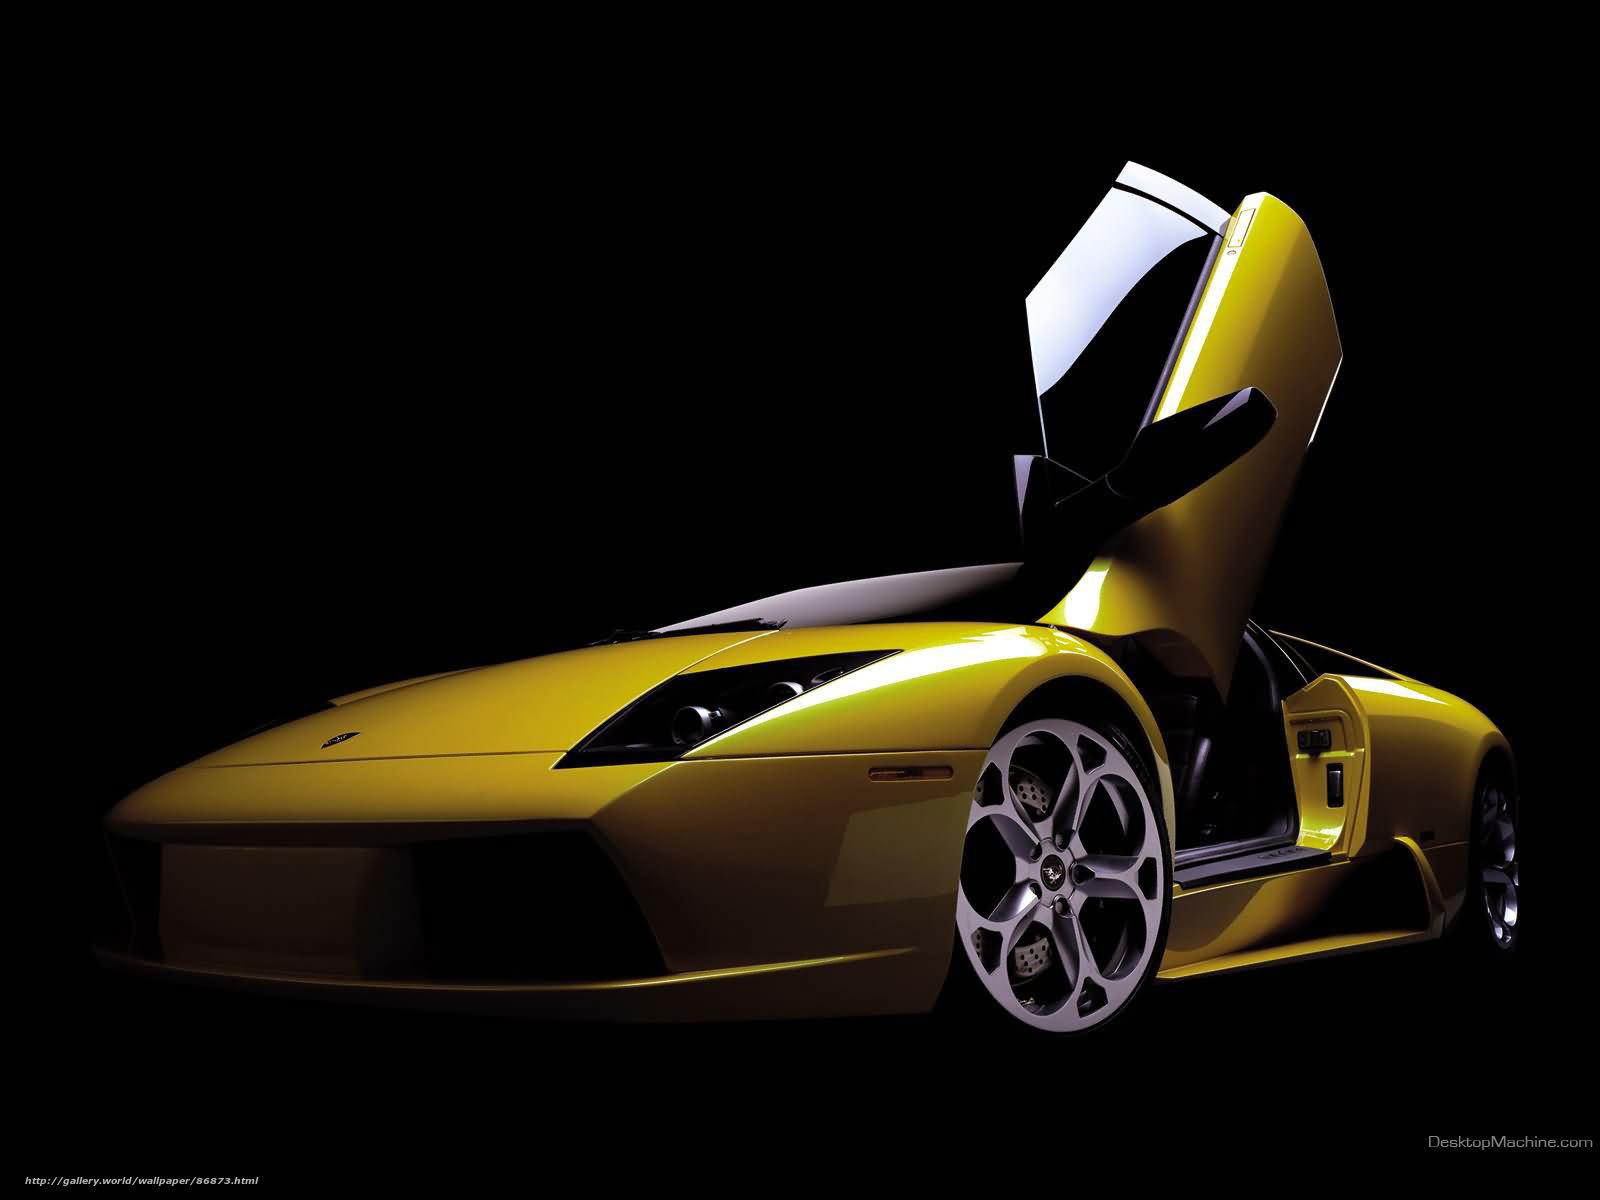 Скачать обои Lamborghini,  Countach,  авто,  машины бесплатно для рабочего стола в разрешении 1600x1200 — картинка №86873